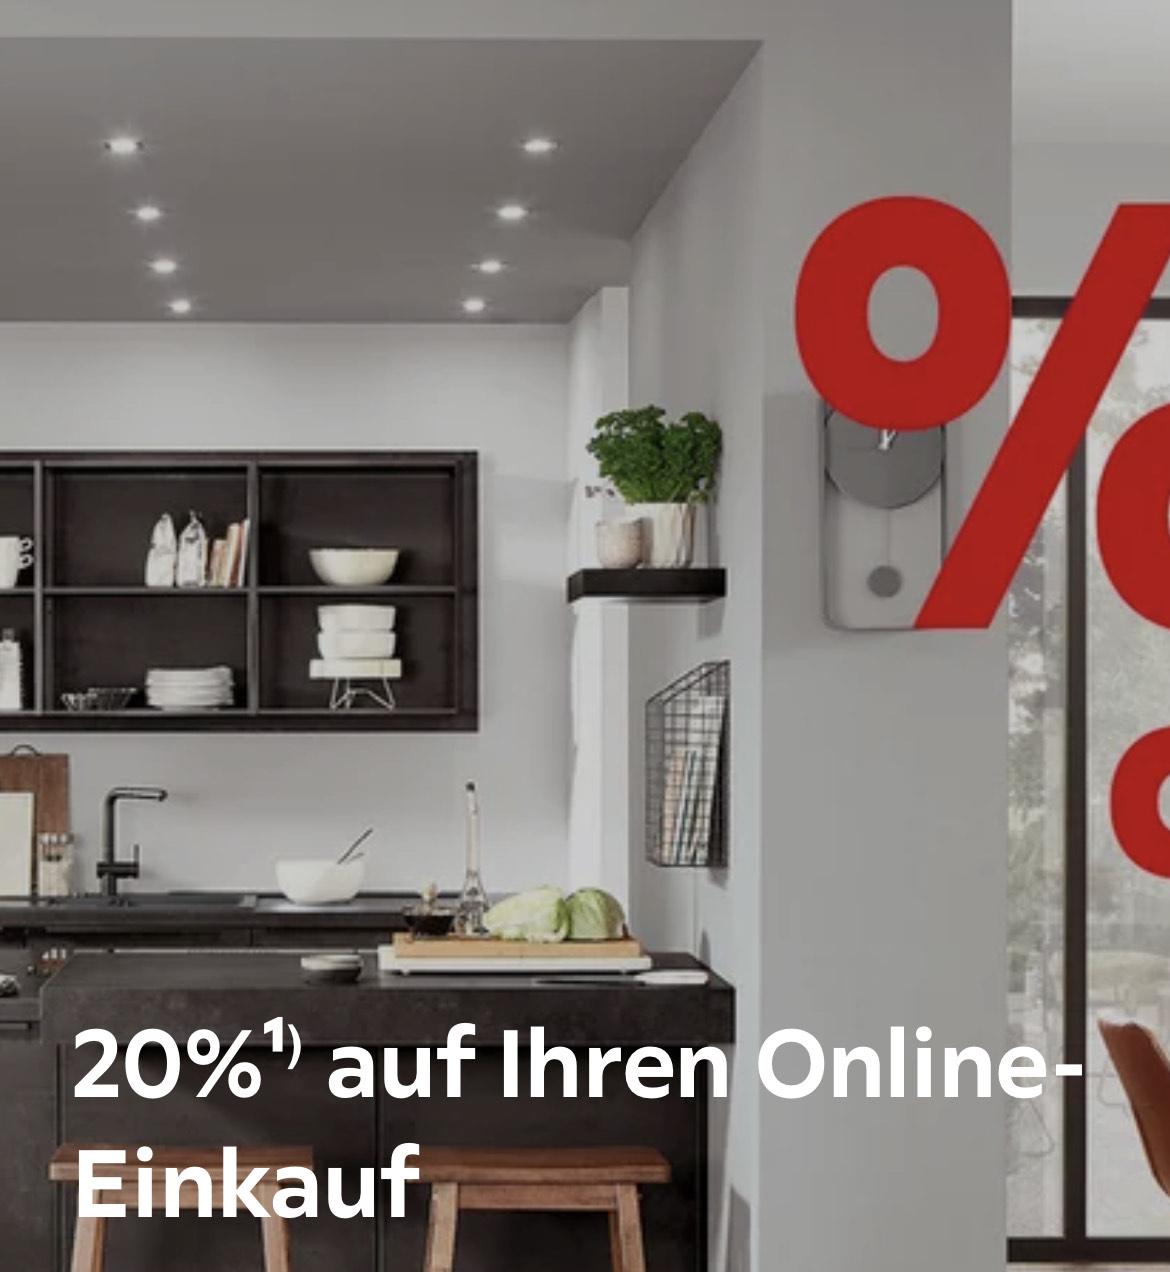 XxxLutz: 20% Rabatt auf viele Artikel, ausgenommen Aktions/Werbeartikel